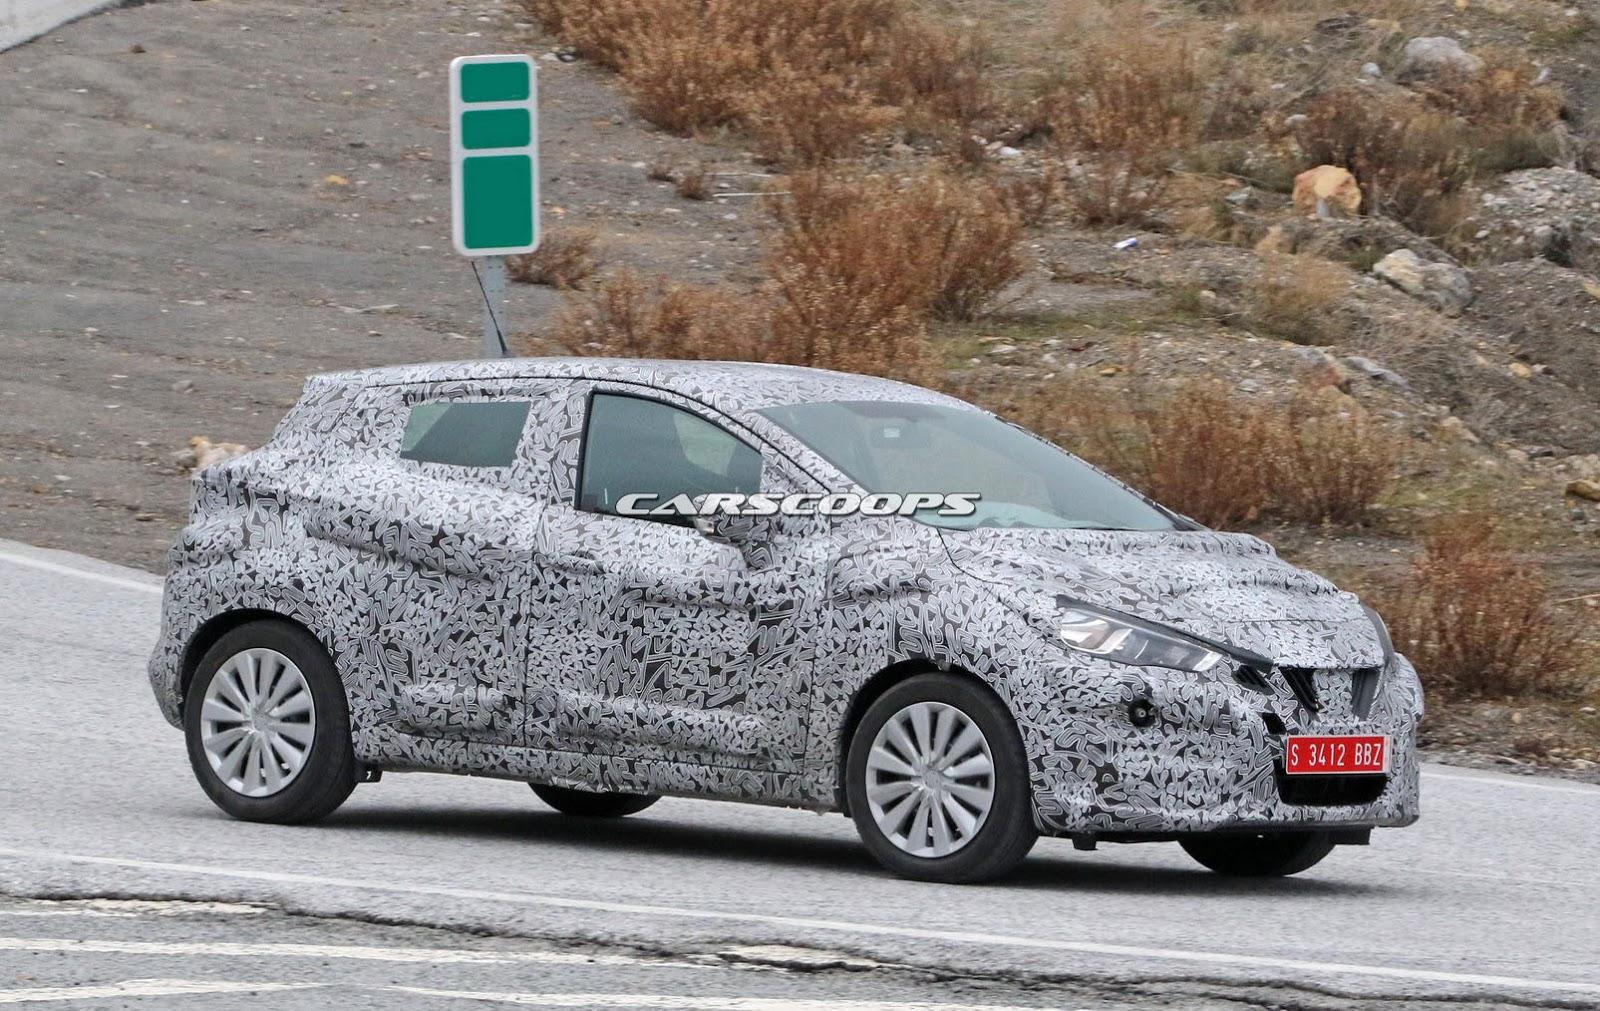 2017-Nissan-Micra-hatch5.jpg